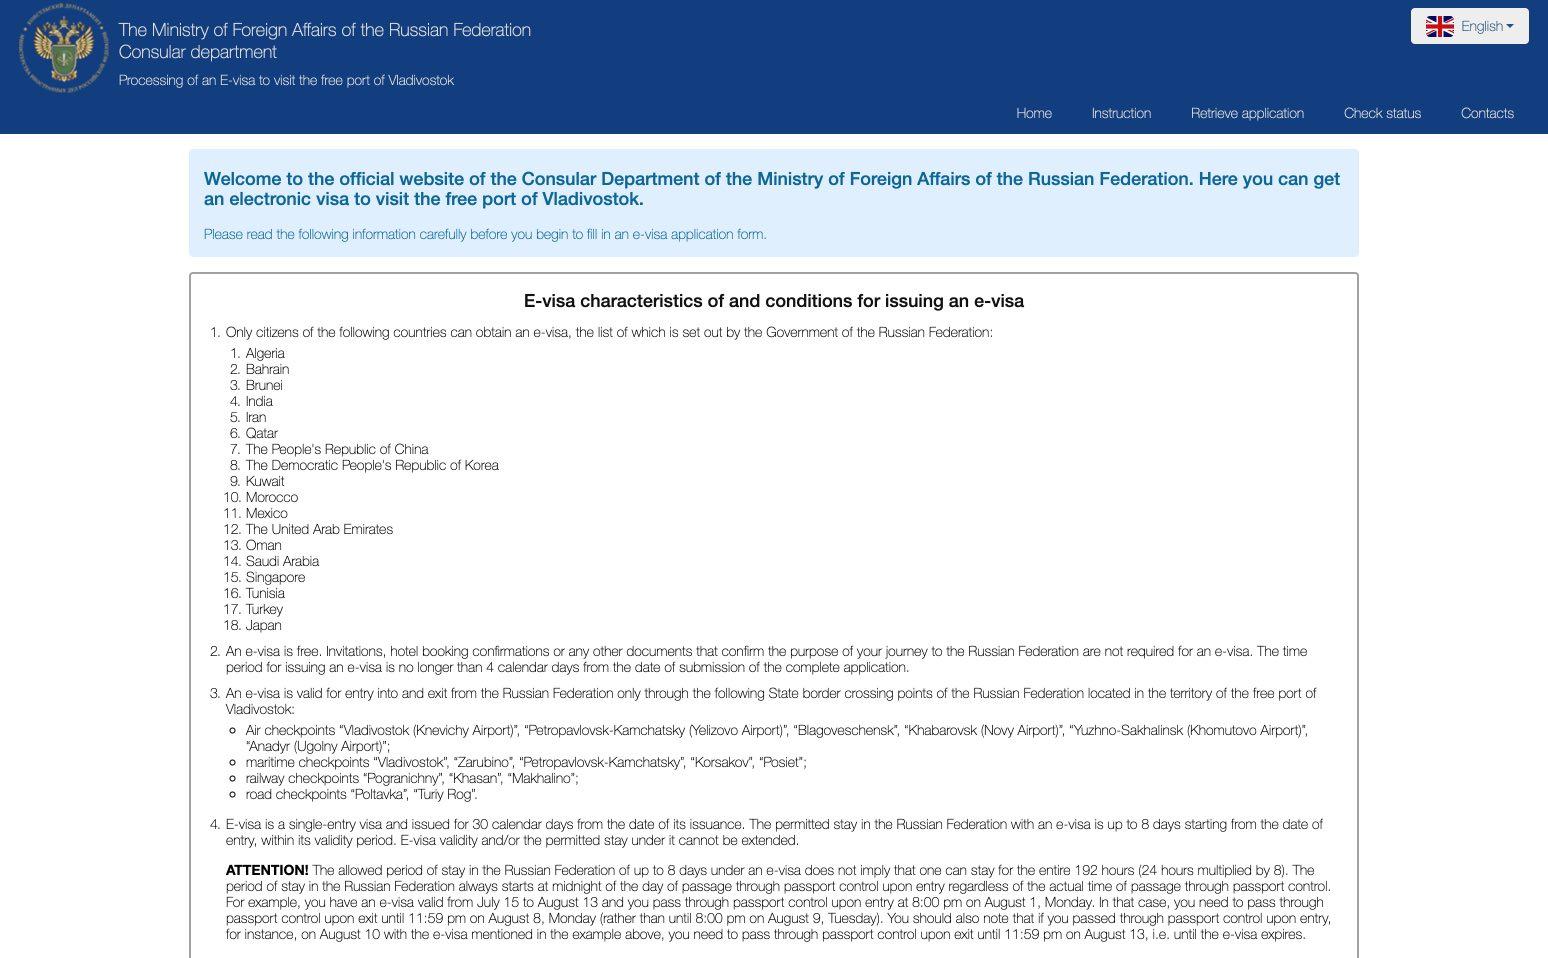 Traitement d'un visa électronique pour visiter le port libre de Vladivostok, le département consulaire de l'AMF de la Fédération de Russie